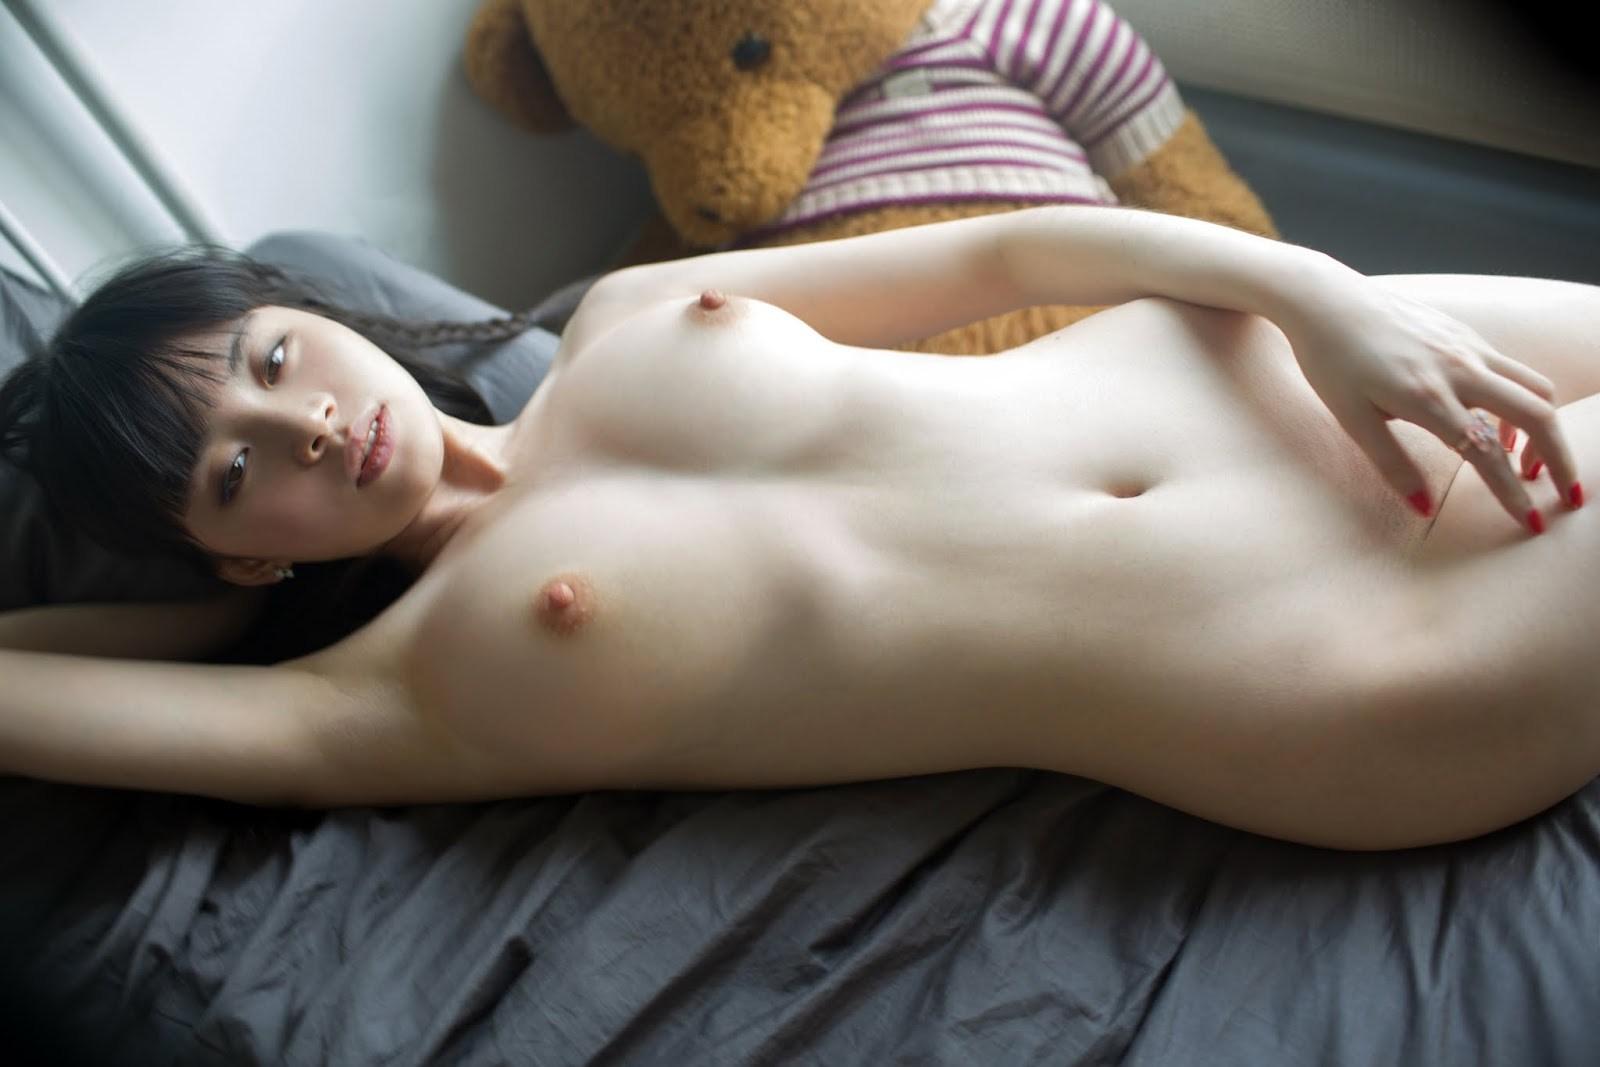 【画像あり】広瀬すず似の中国人ヌードモデルのティクビが絶品だった件wwwwwwwwwww・22枚目